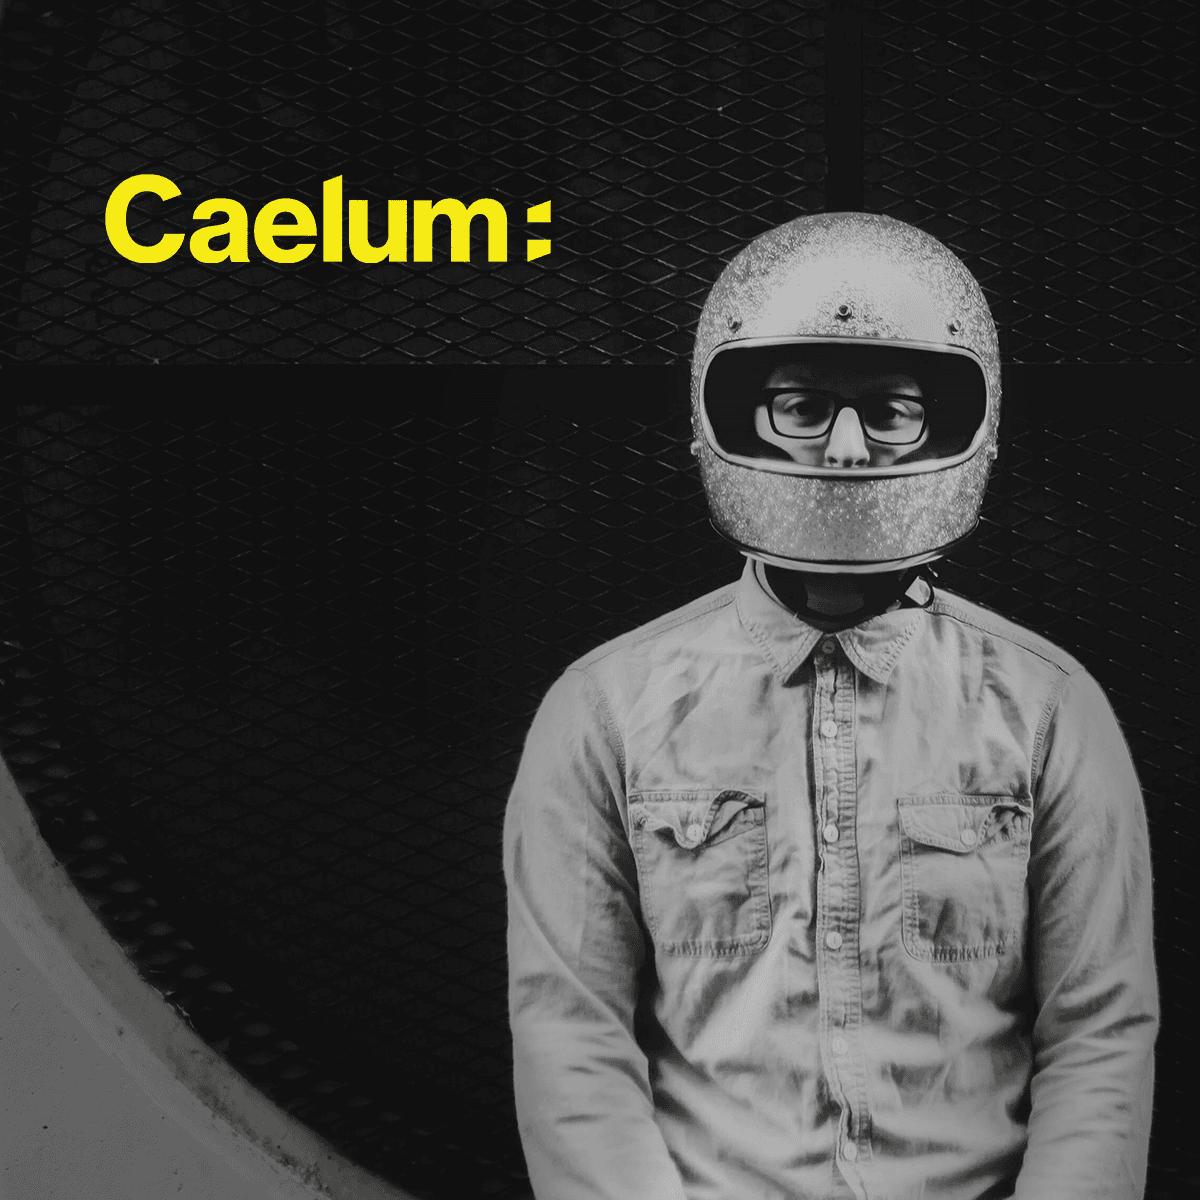 (c) Caelum.com.br